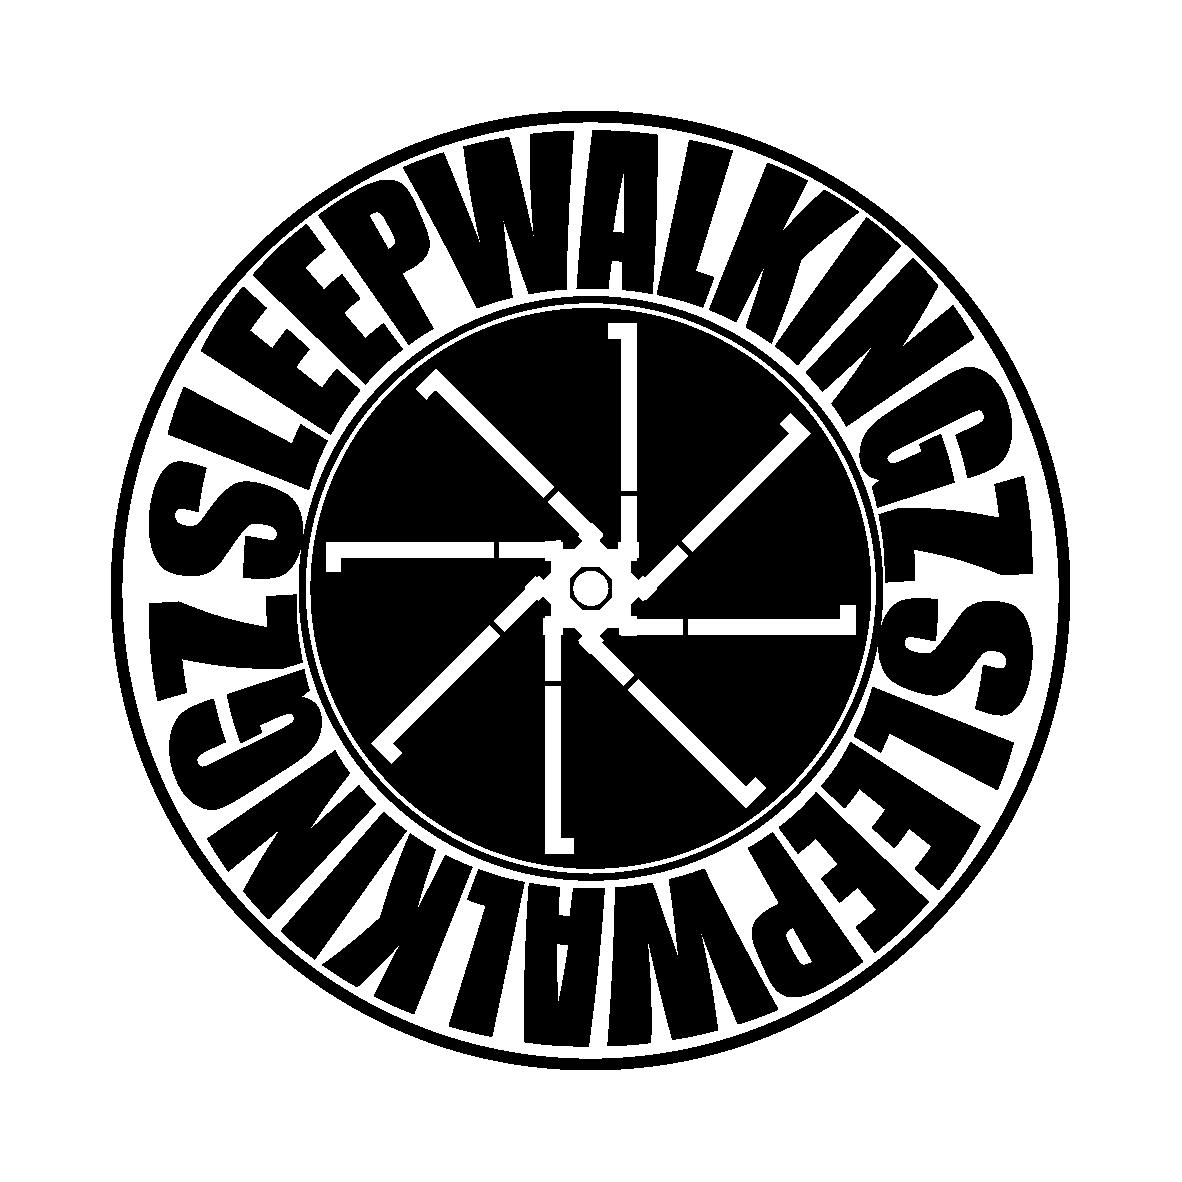 SLEEPWALKINGZ